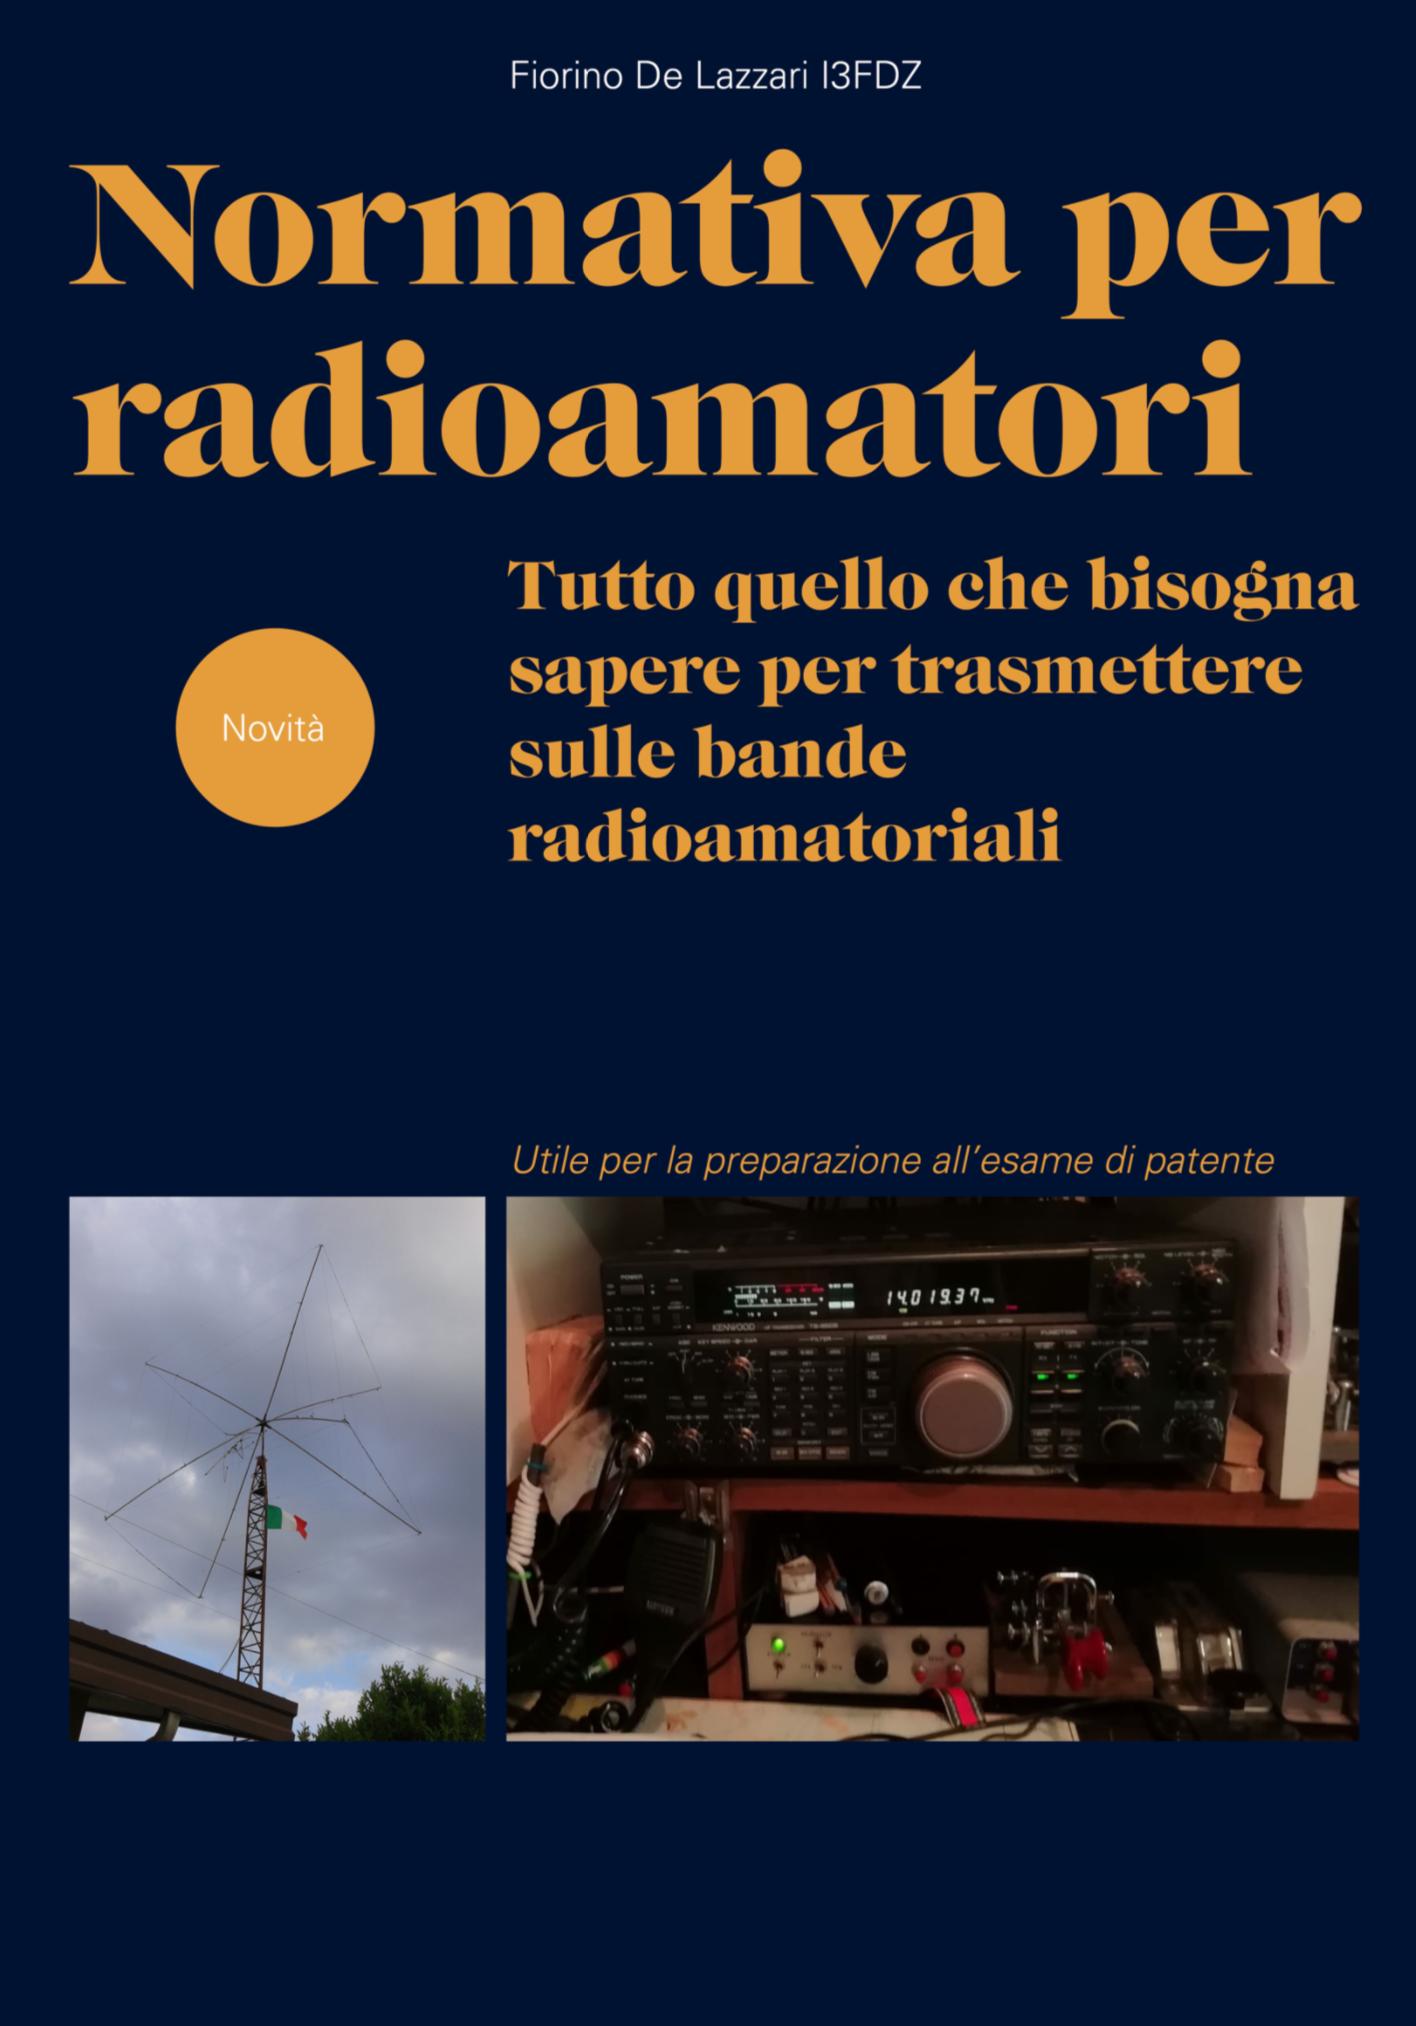 Normativa per Radioamatori: Tutto quello che bisogna sapere per usare e trasmettere nelle bande Radioamatoriali. Utile per la preparazione all'esame di patente di Radioamatore riguardo la normativa